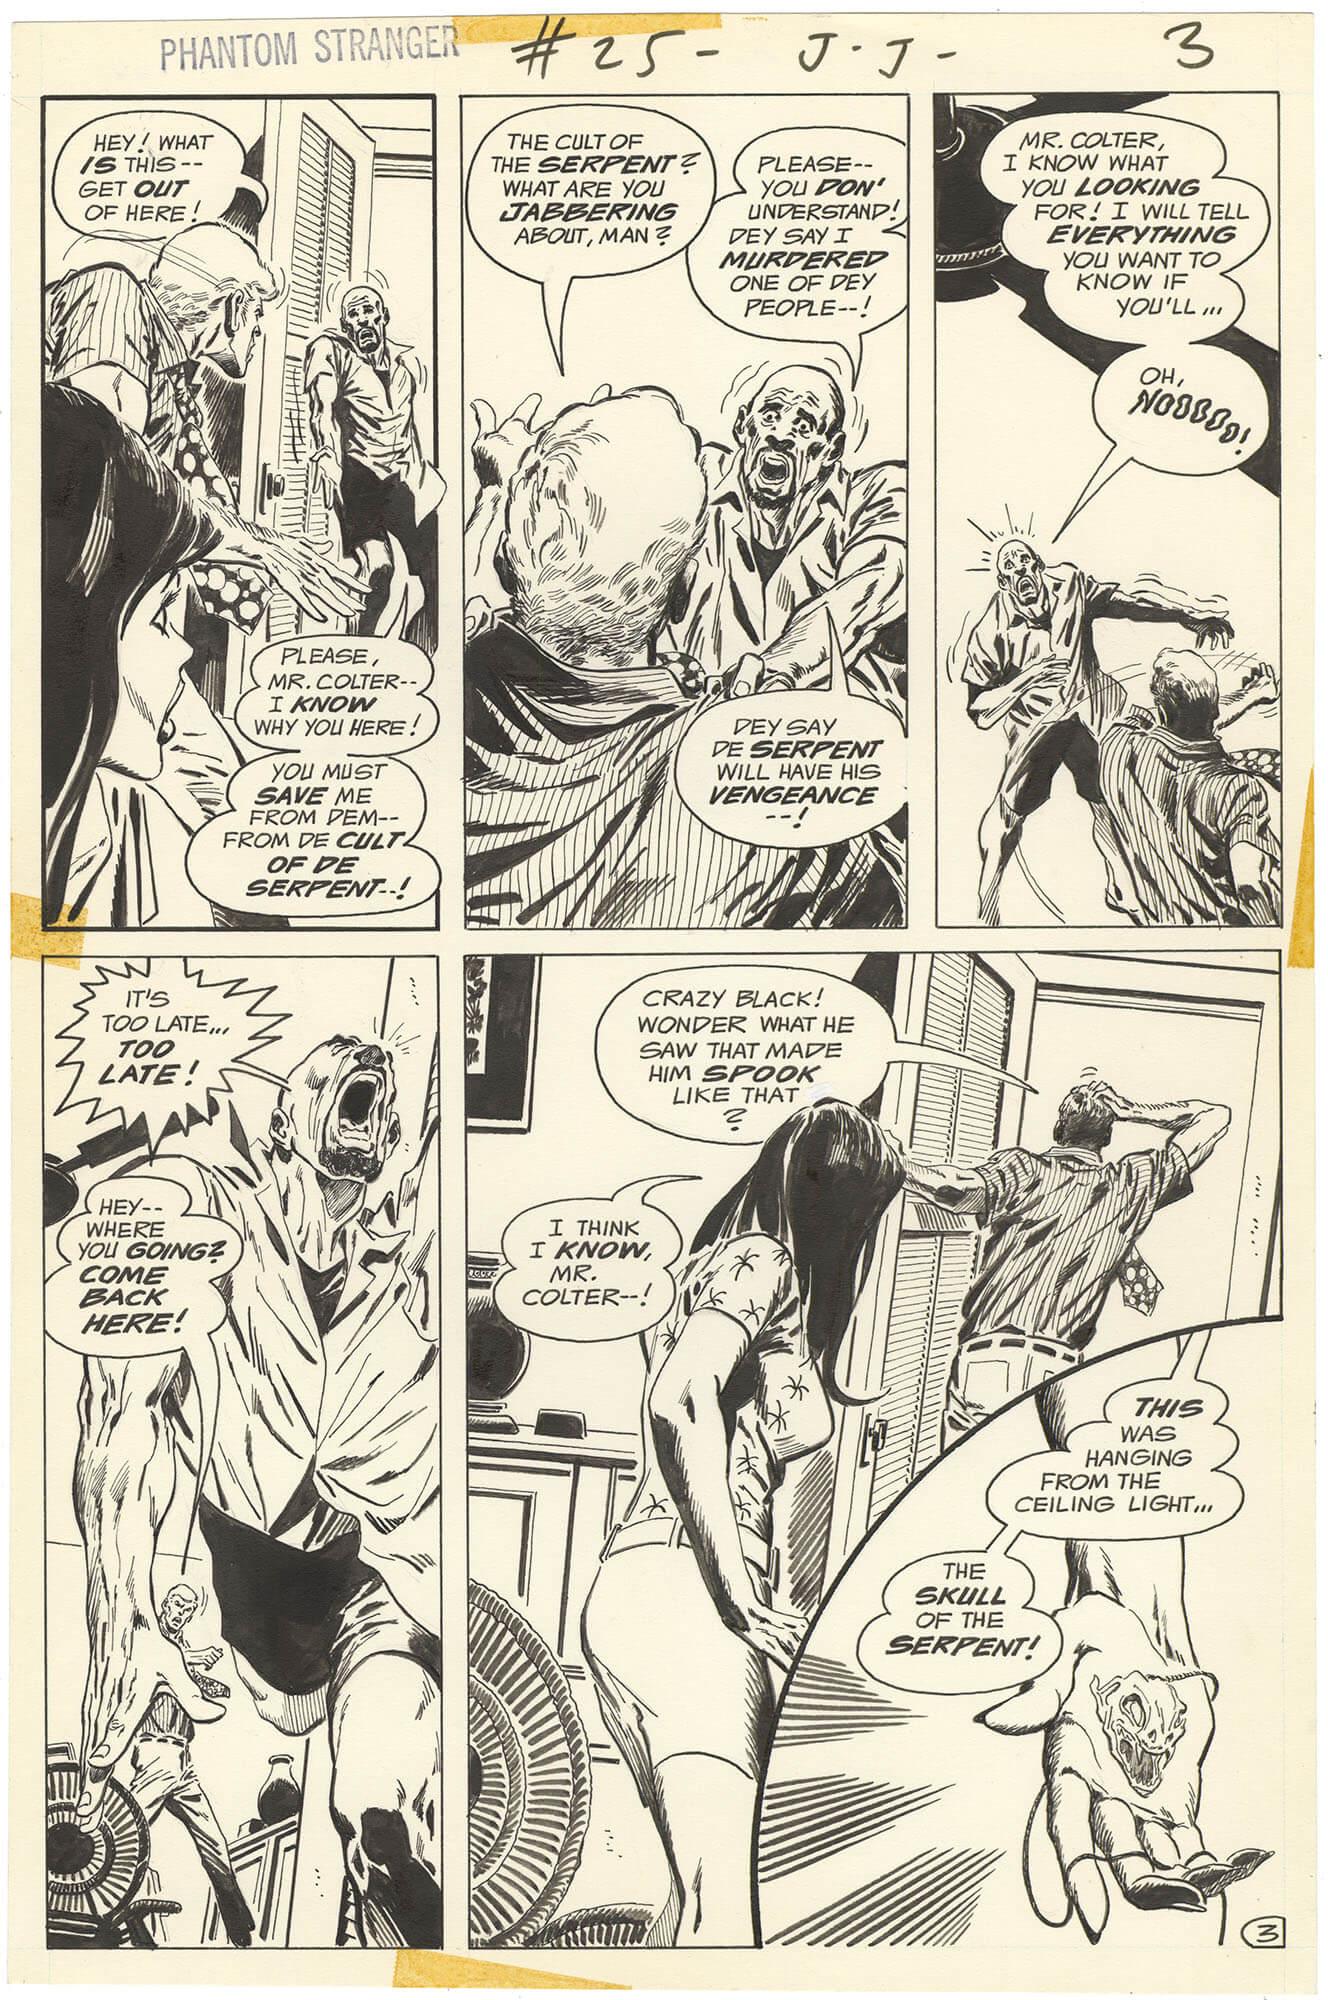 Phantom Stranger #25 p3